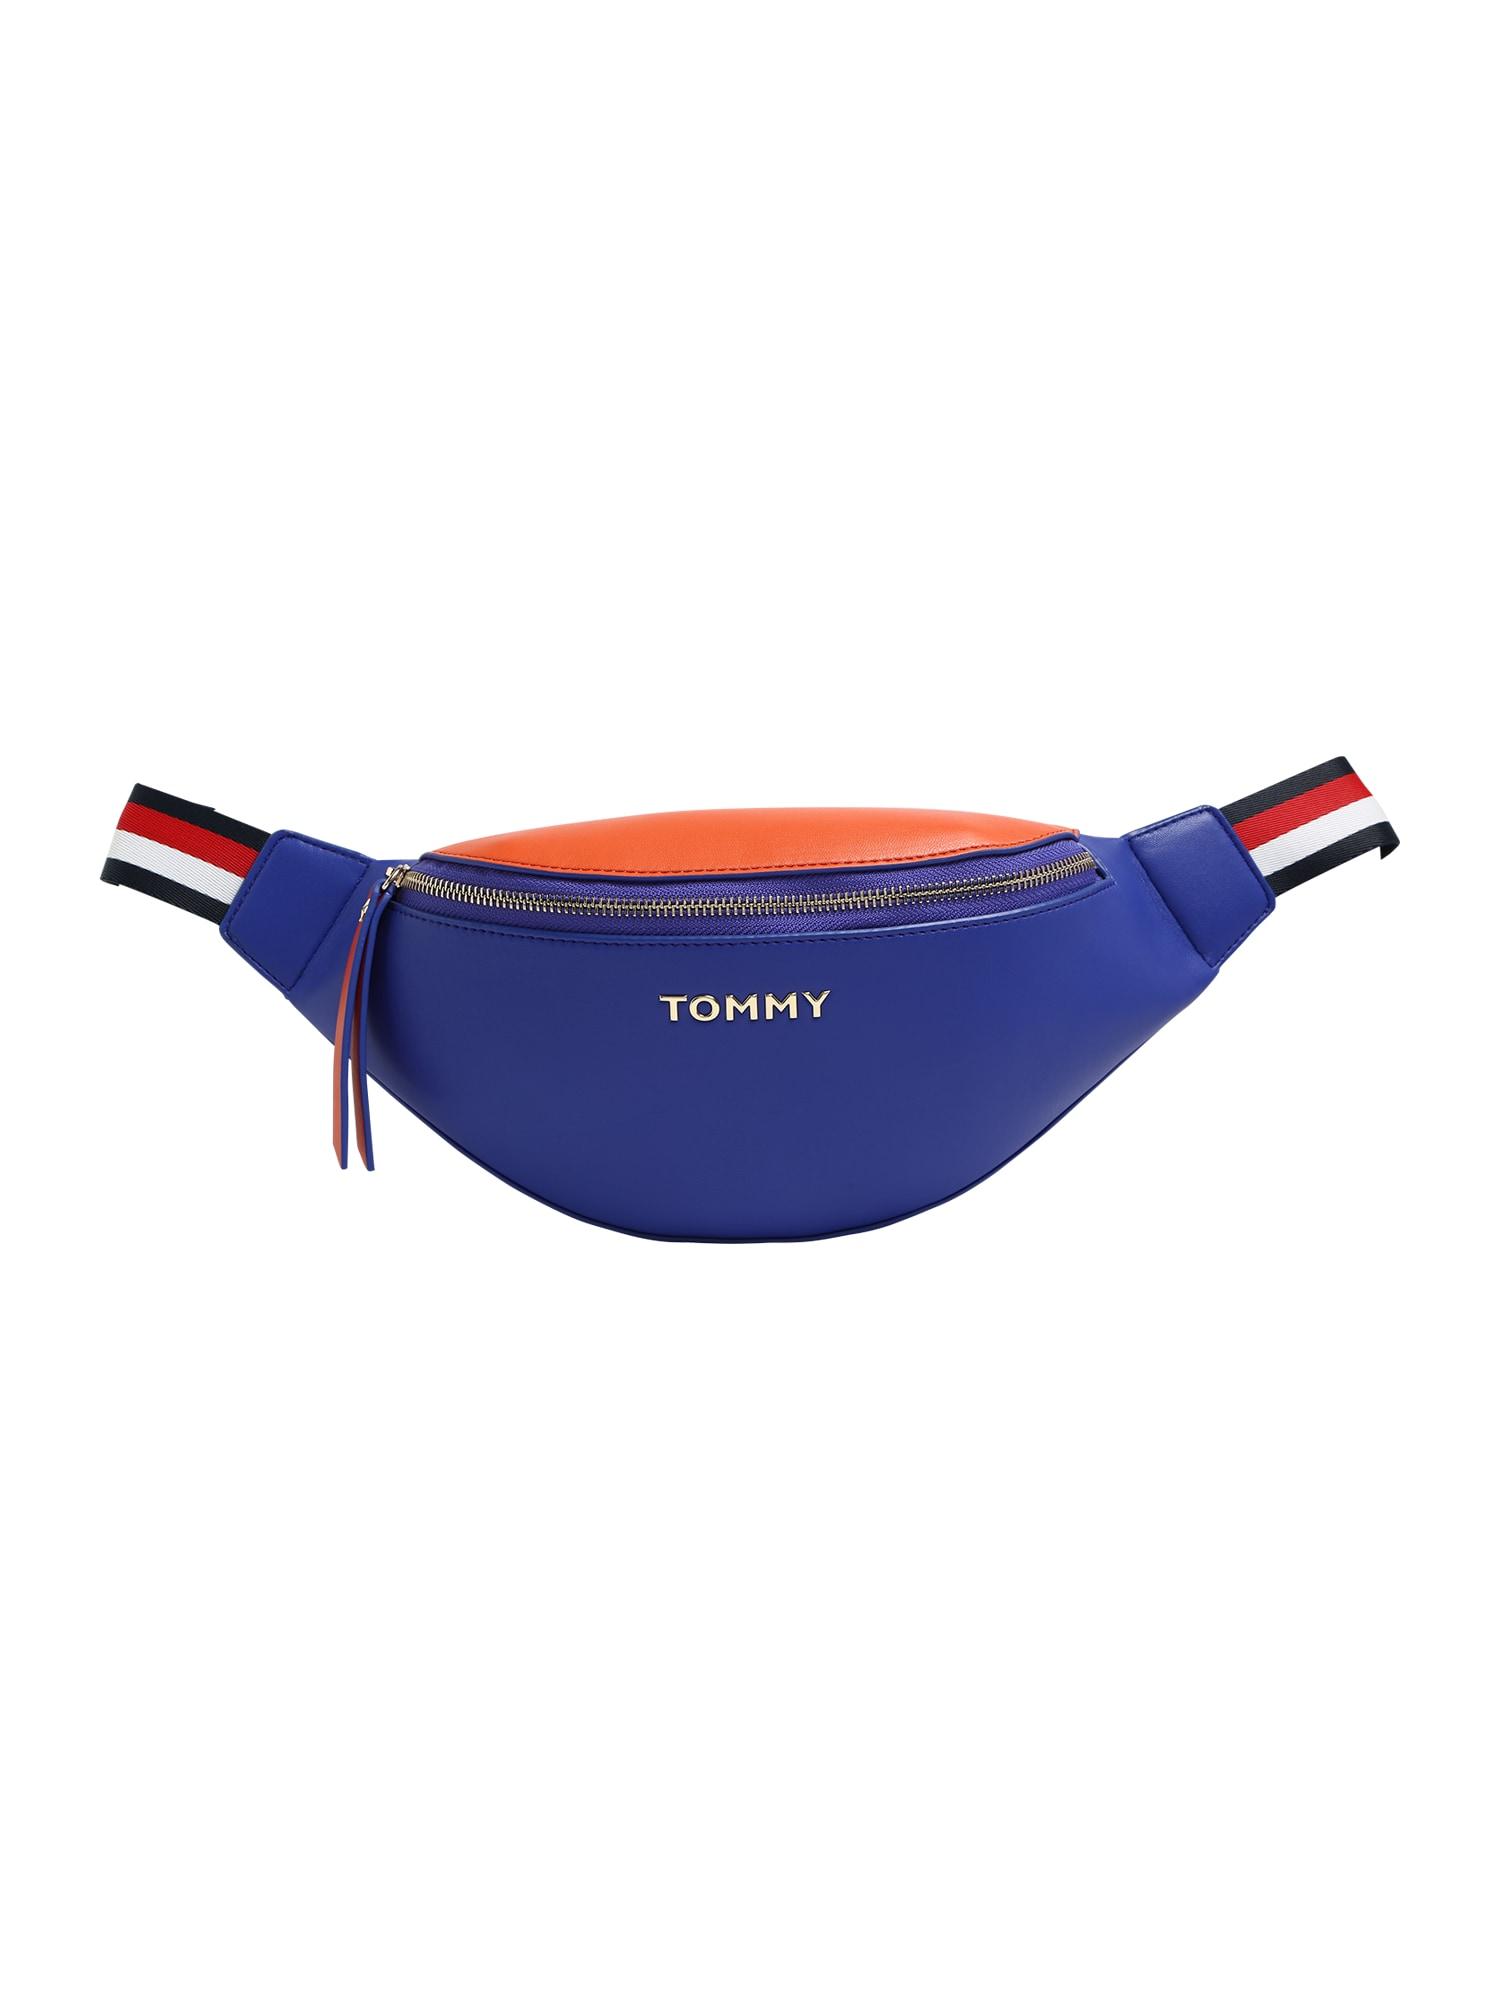 TOMMY HILFIGER Ledvinka 'Iconic Tommy Bumbag'  jasně oranžová / modrá